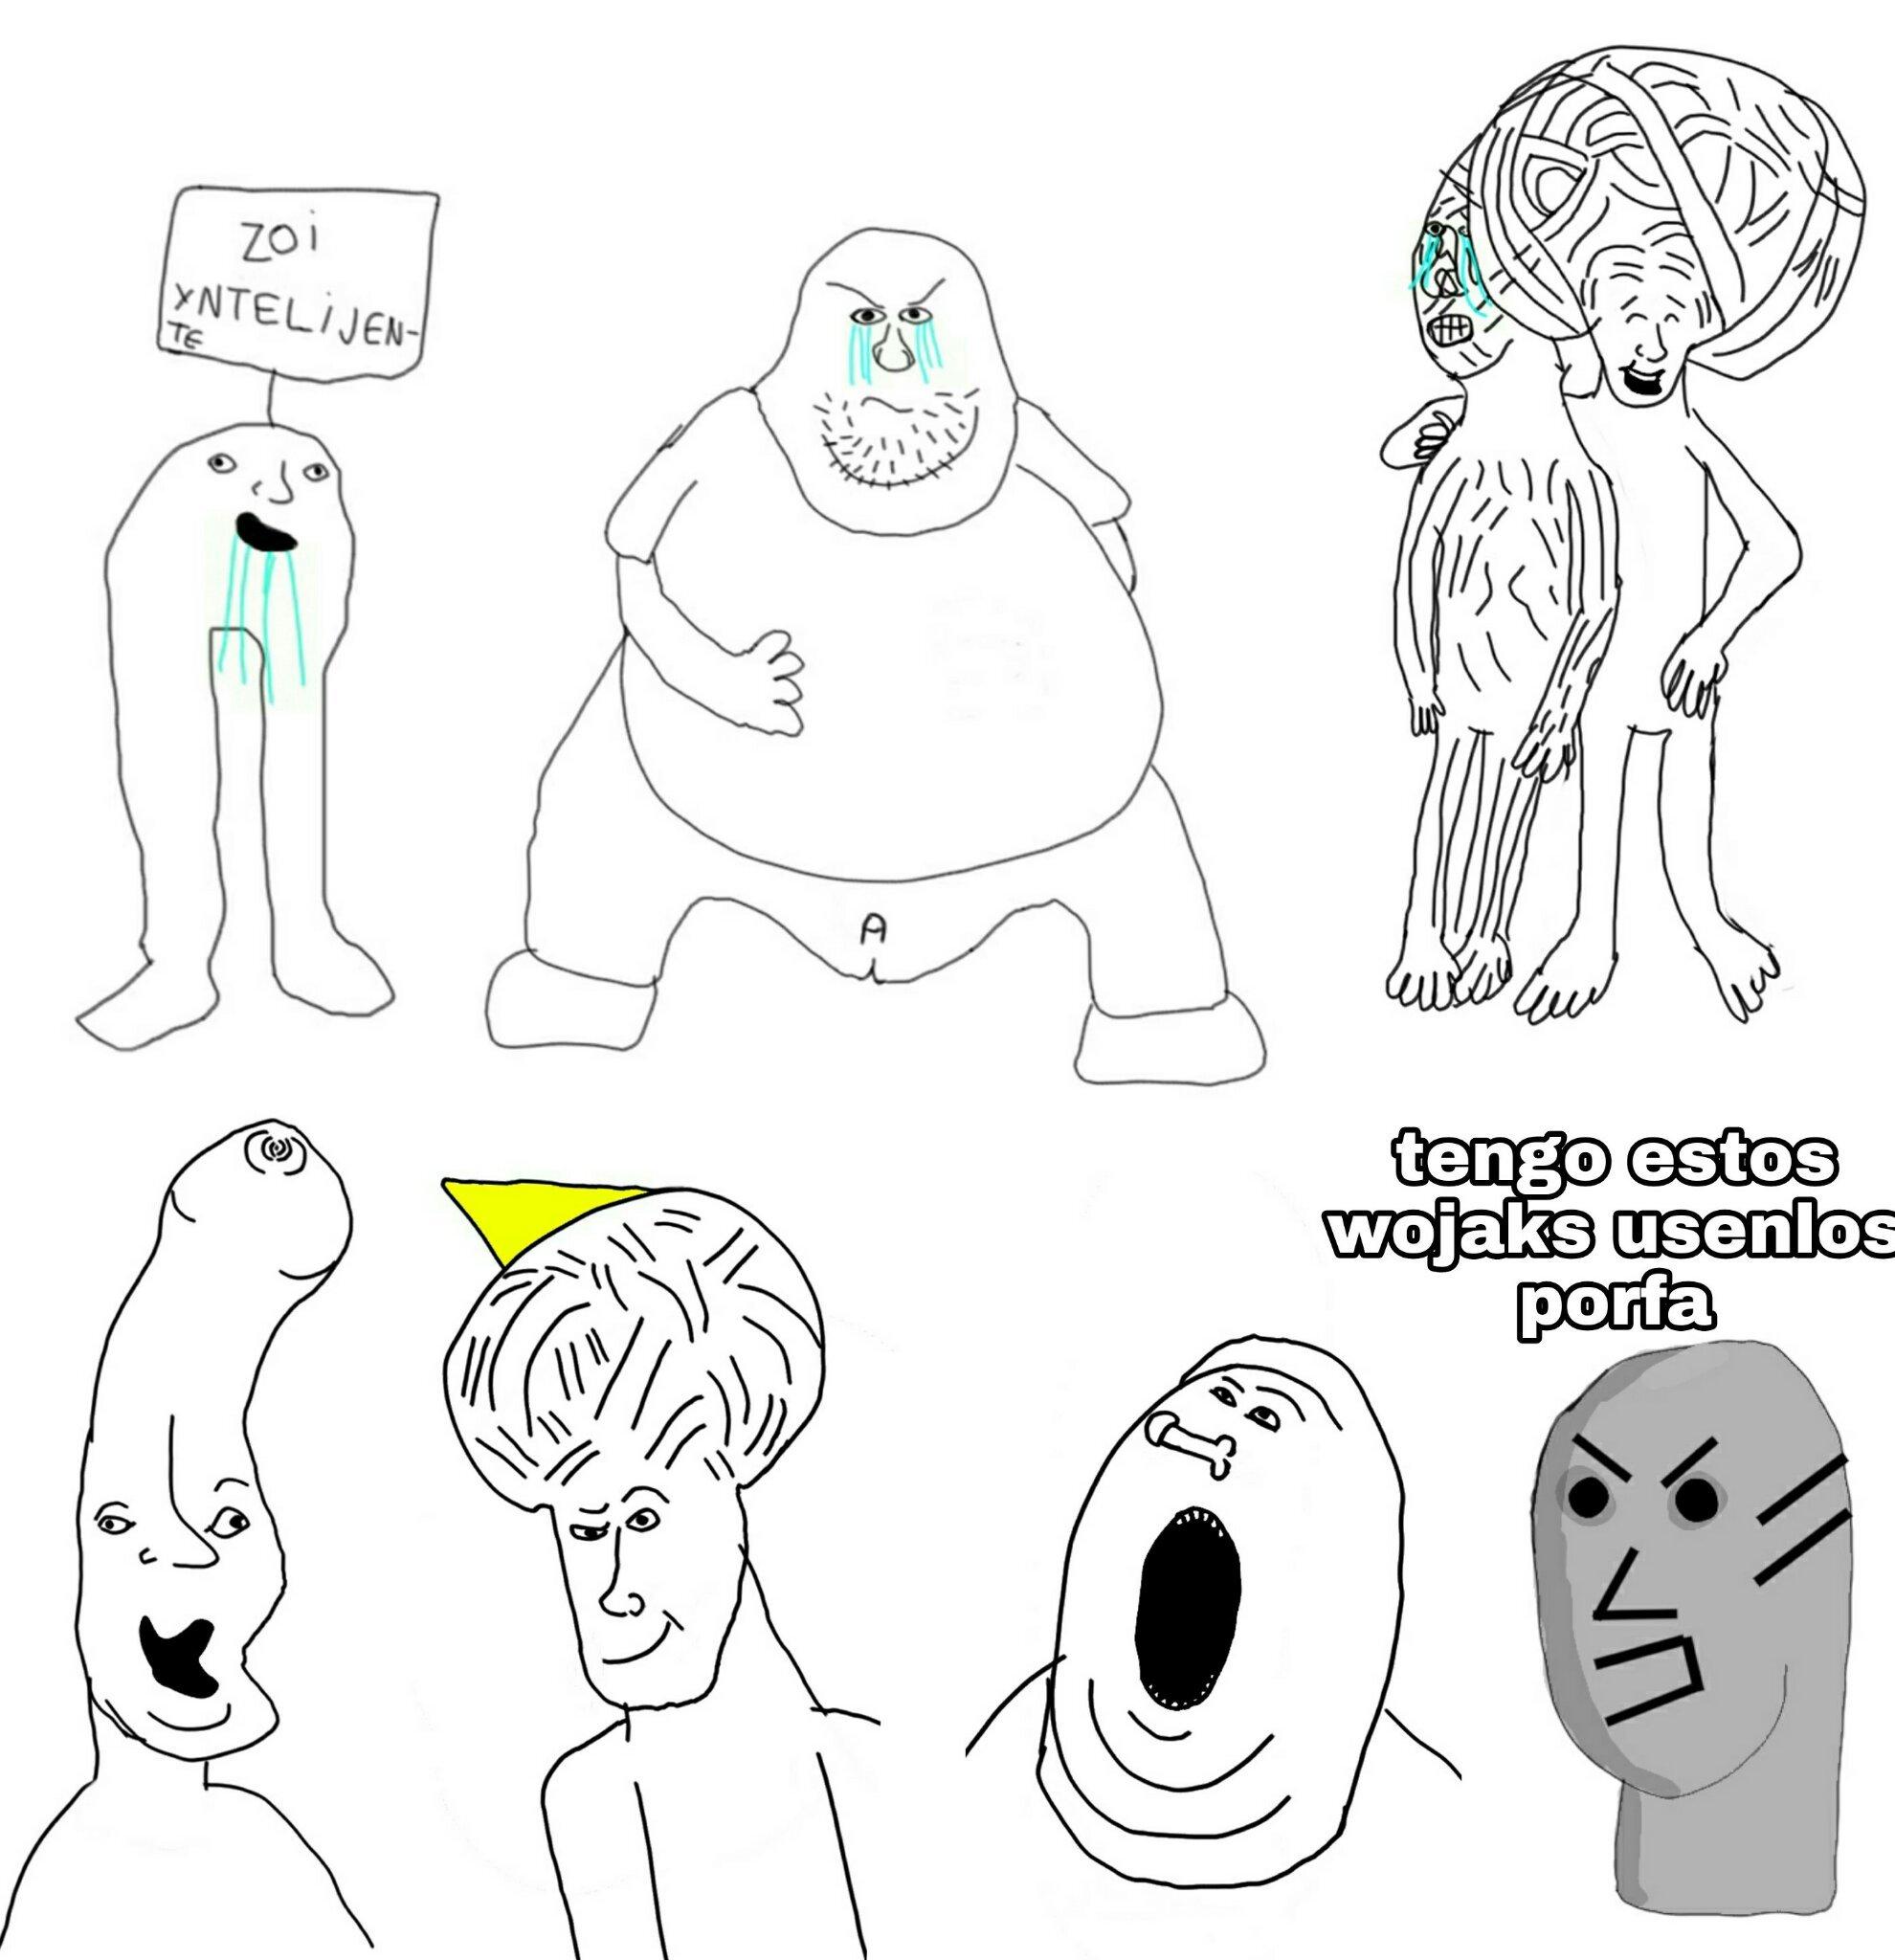 usenlos porfa - meme